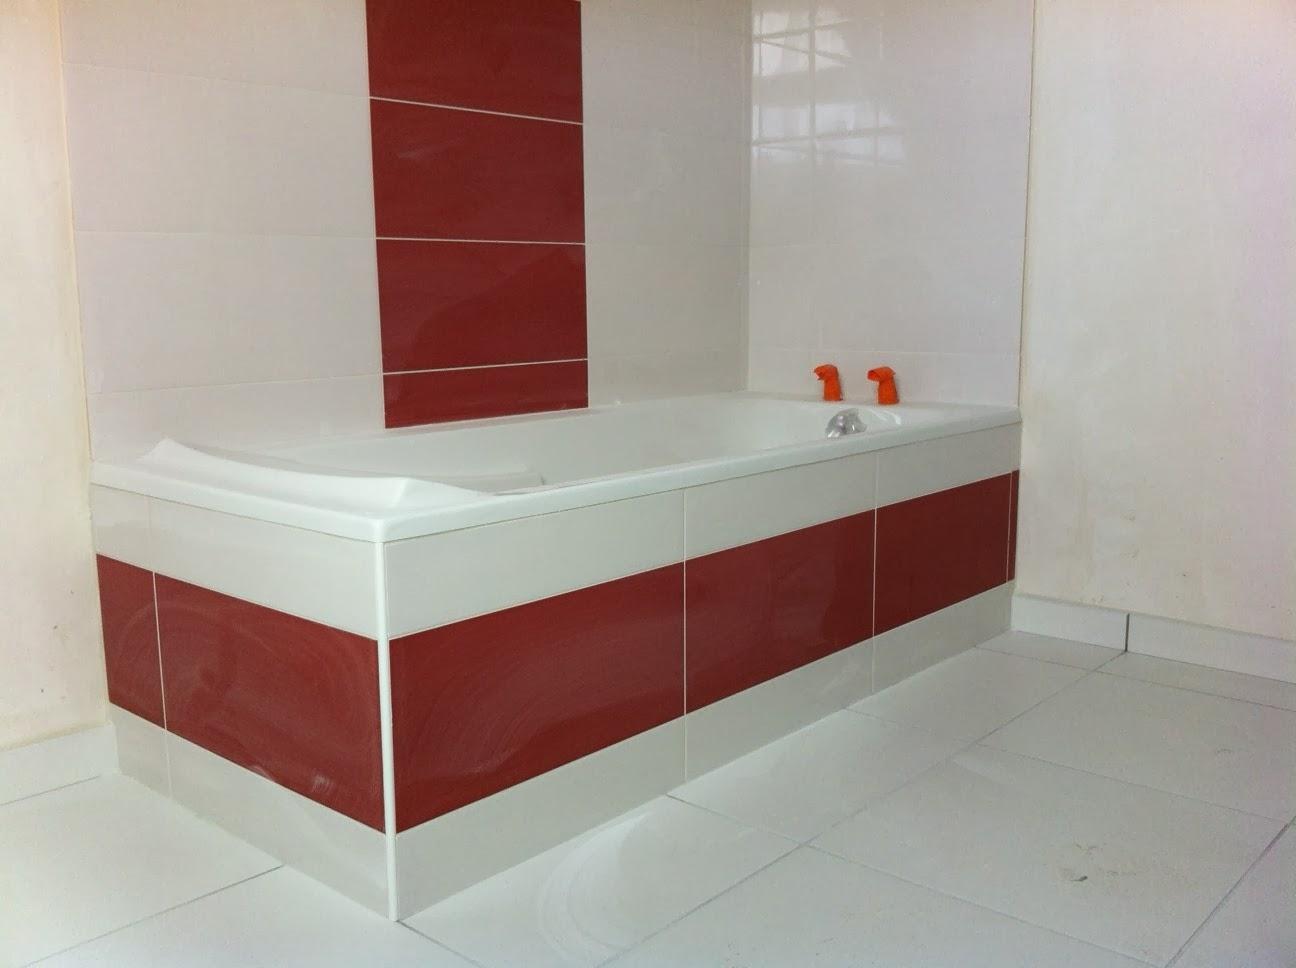 Notre future maison à Plougonvelin: La salle de bain de l'étage